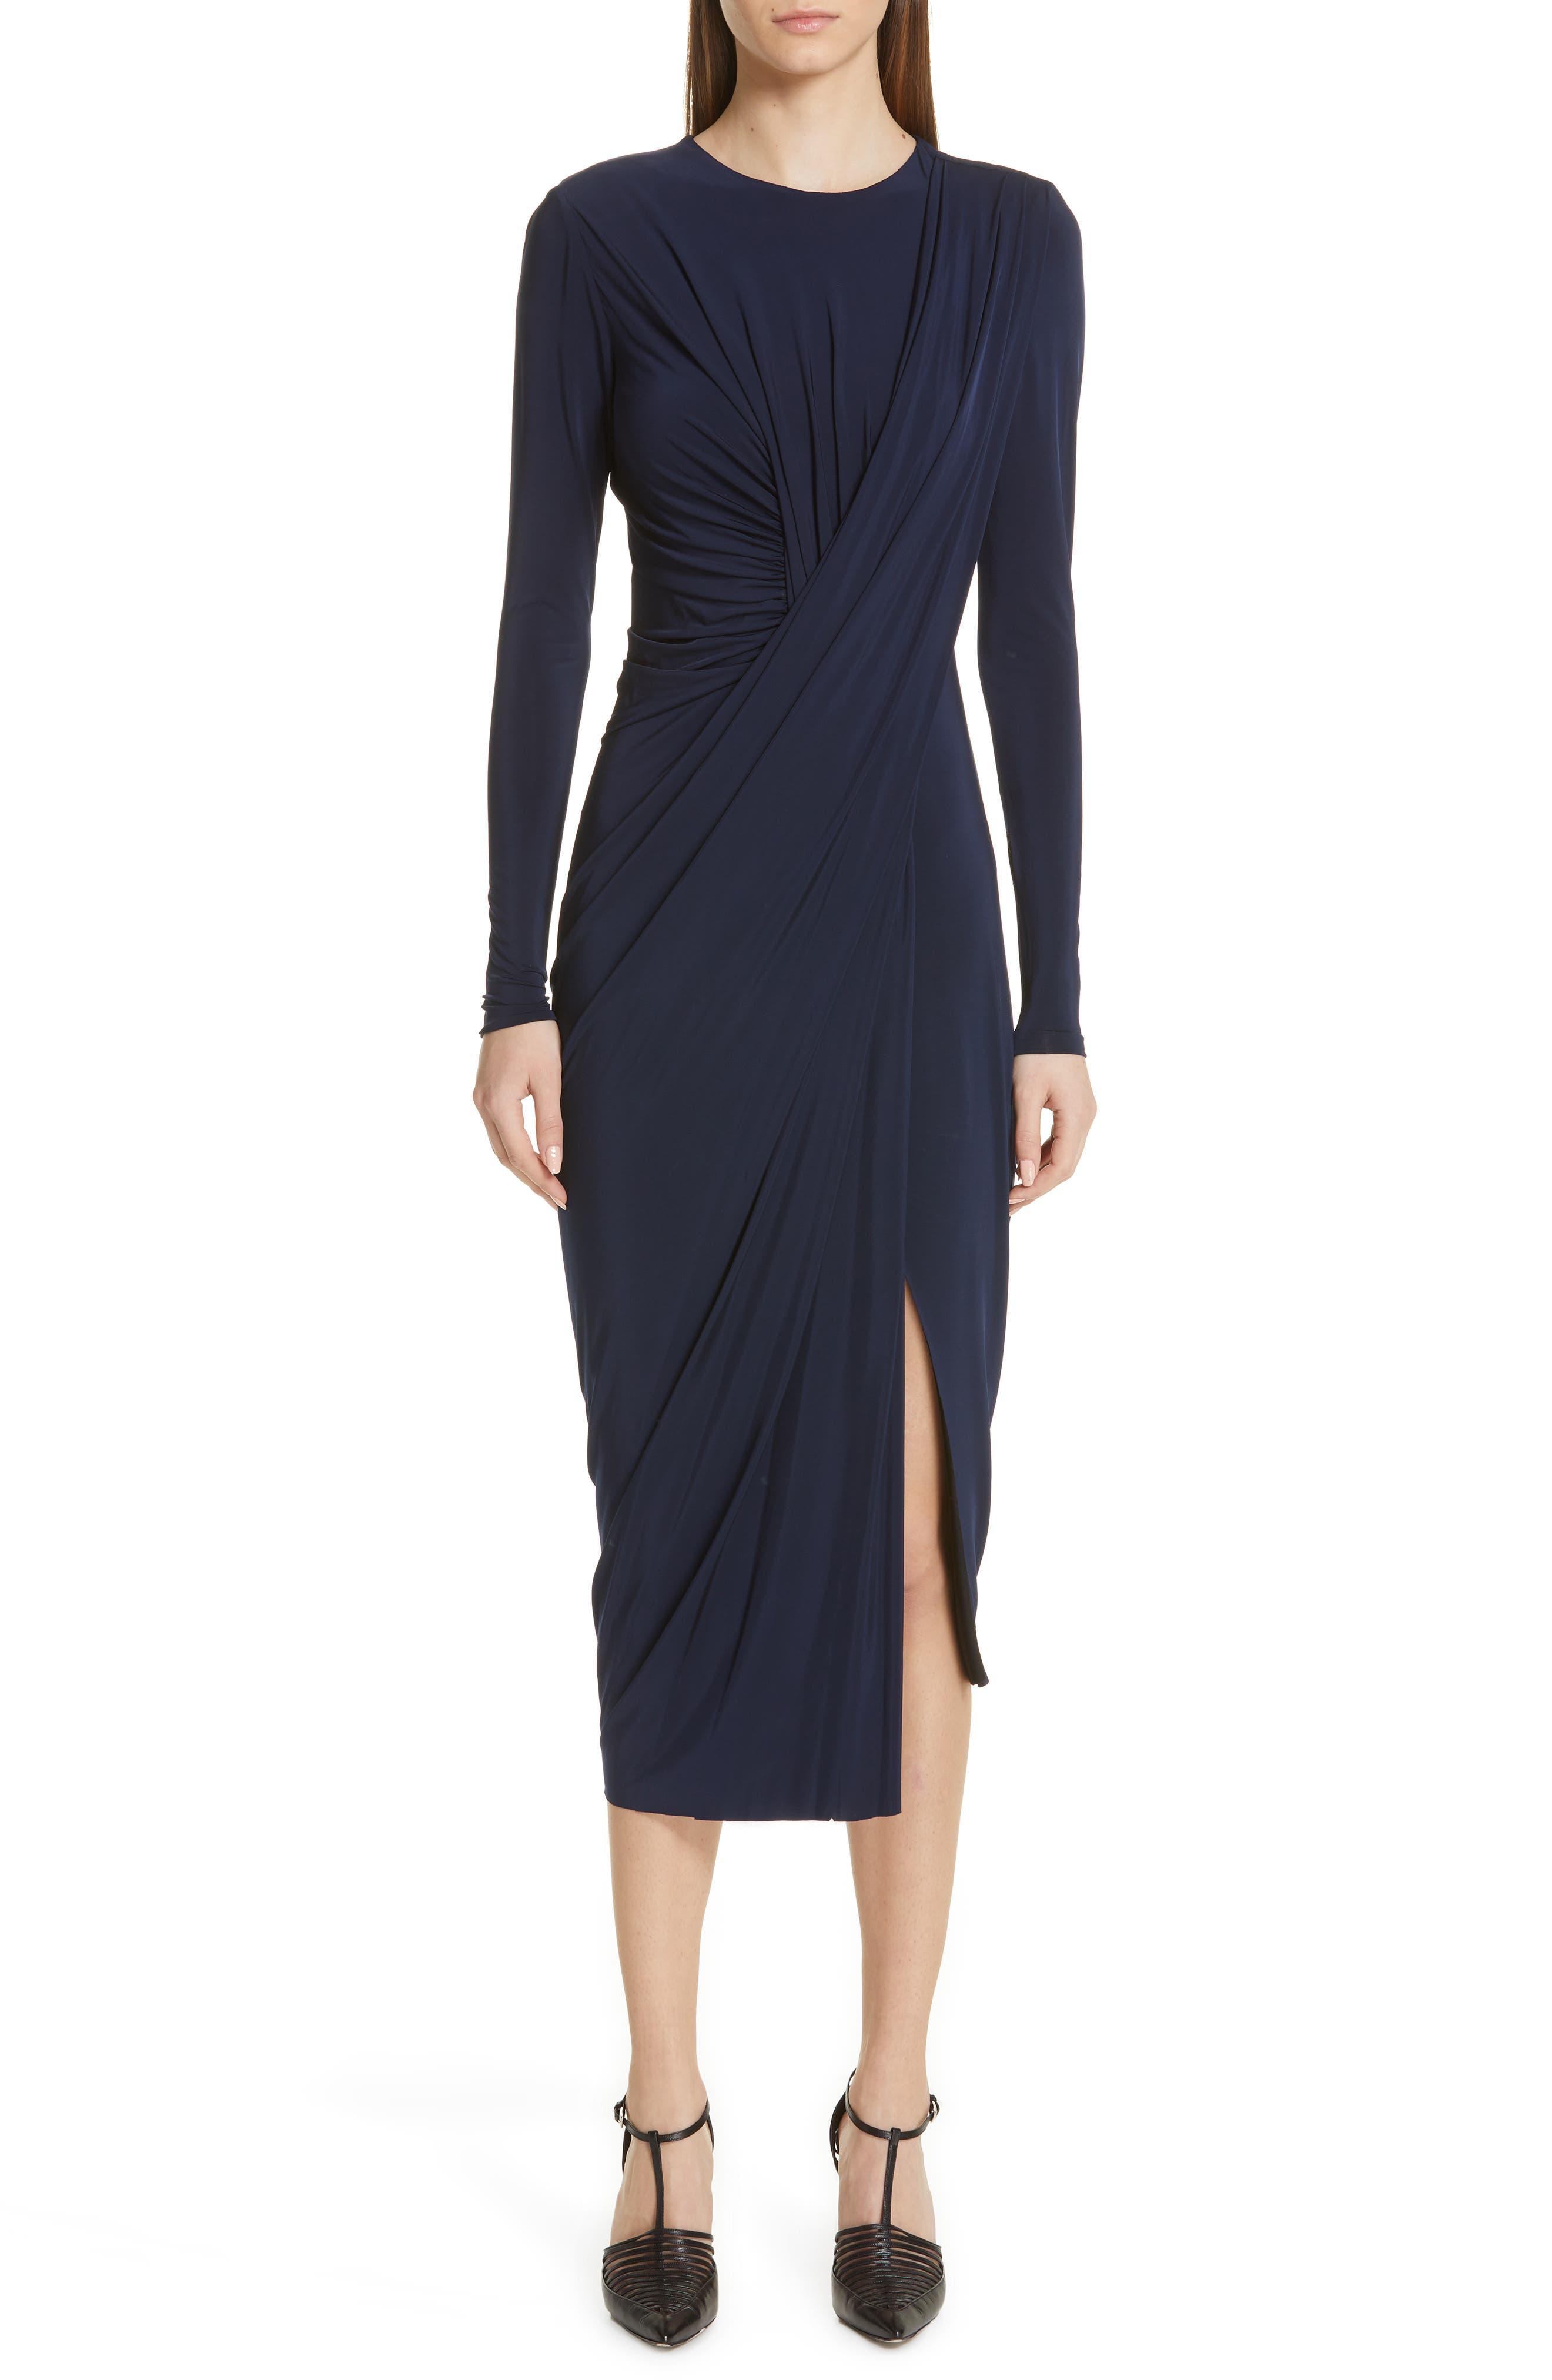 Jason Wu Collection Draped Jersey Dress, Blue